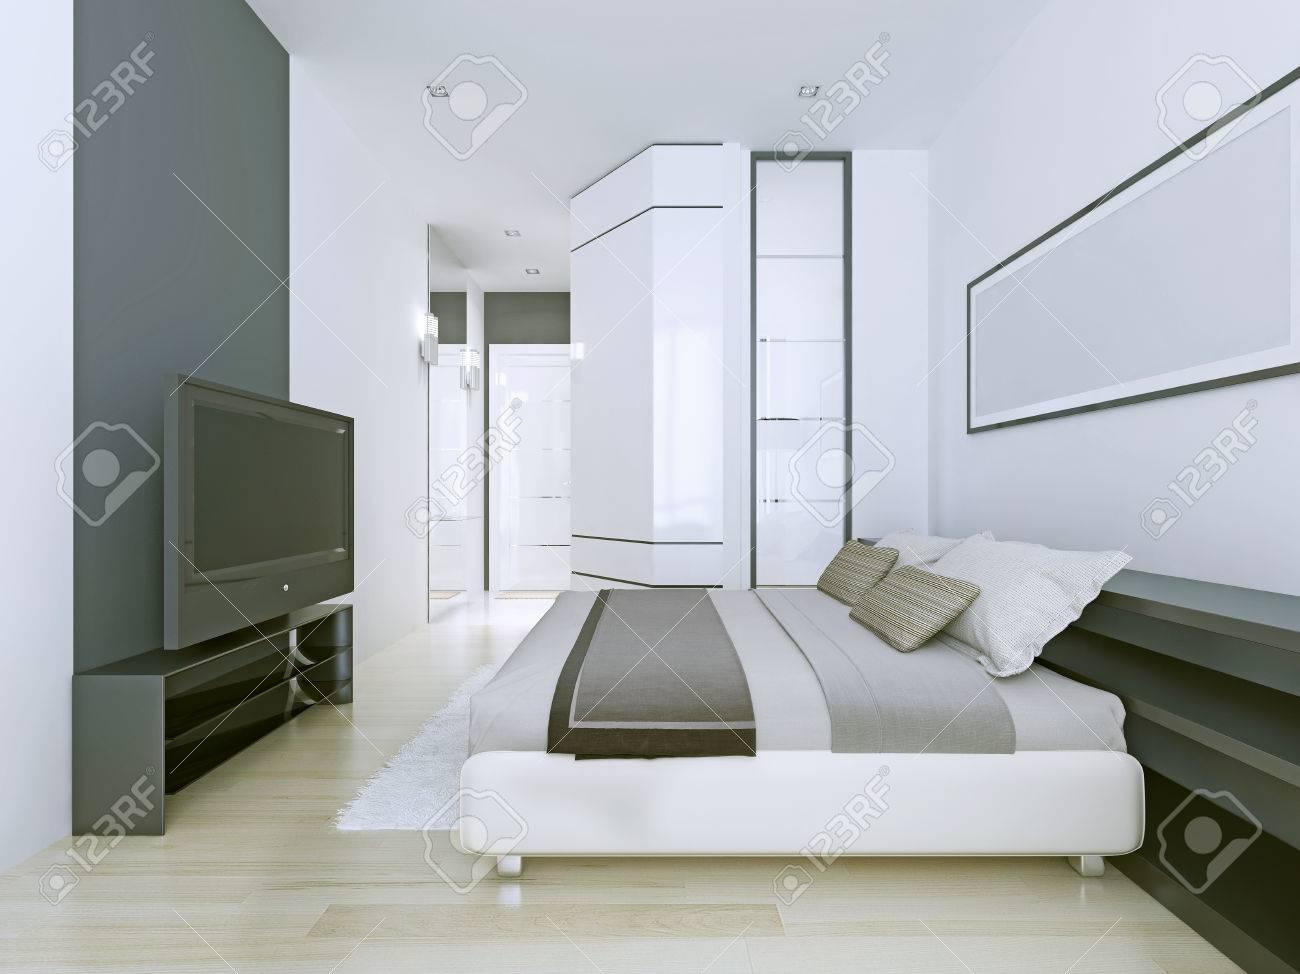 Appartements Blancs Dans Le Style Contemporaryu. Décorations Gris Foncé  Dans La Chambre Blanc De Neige